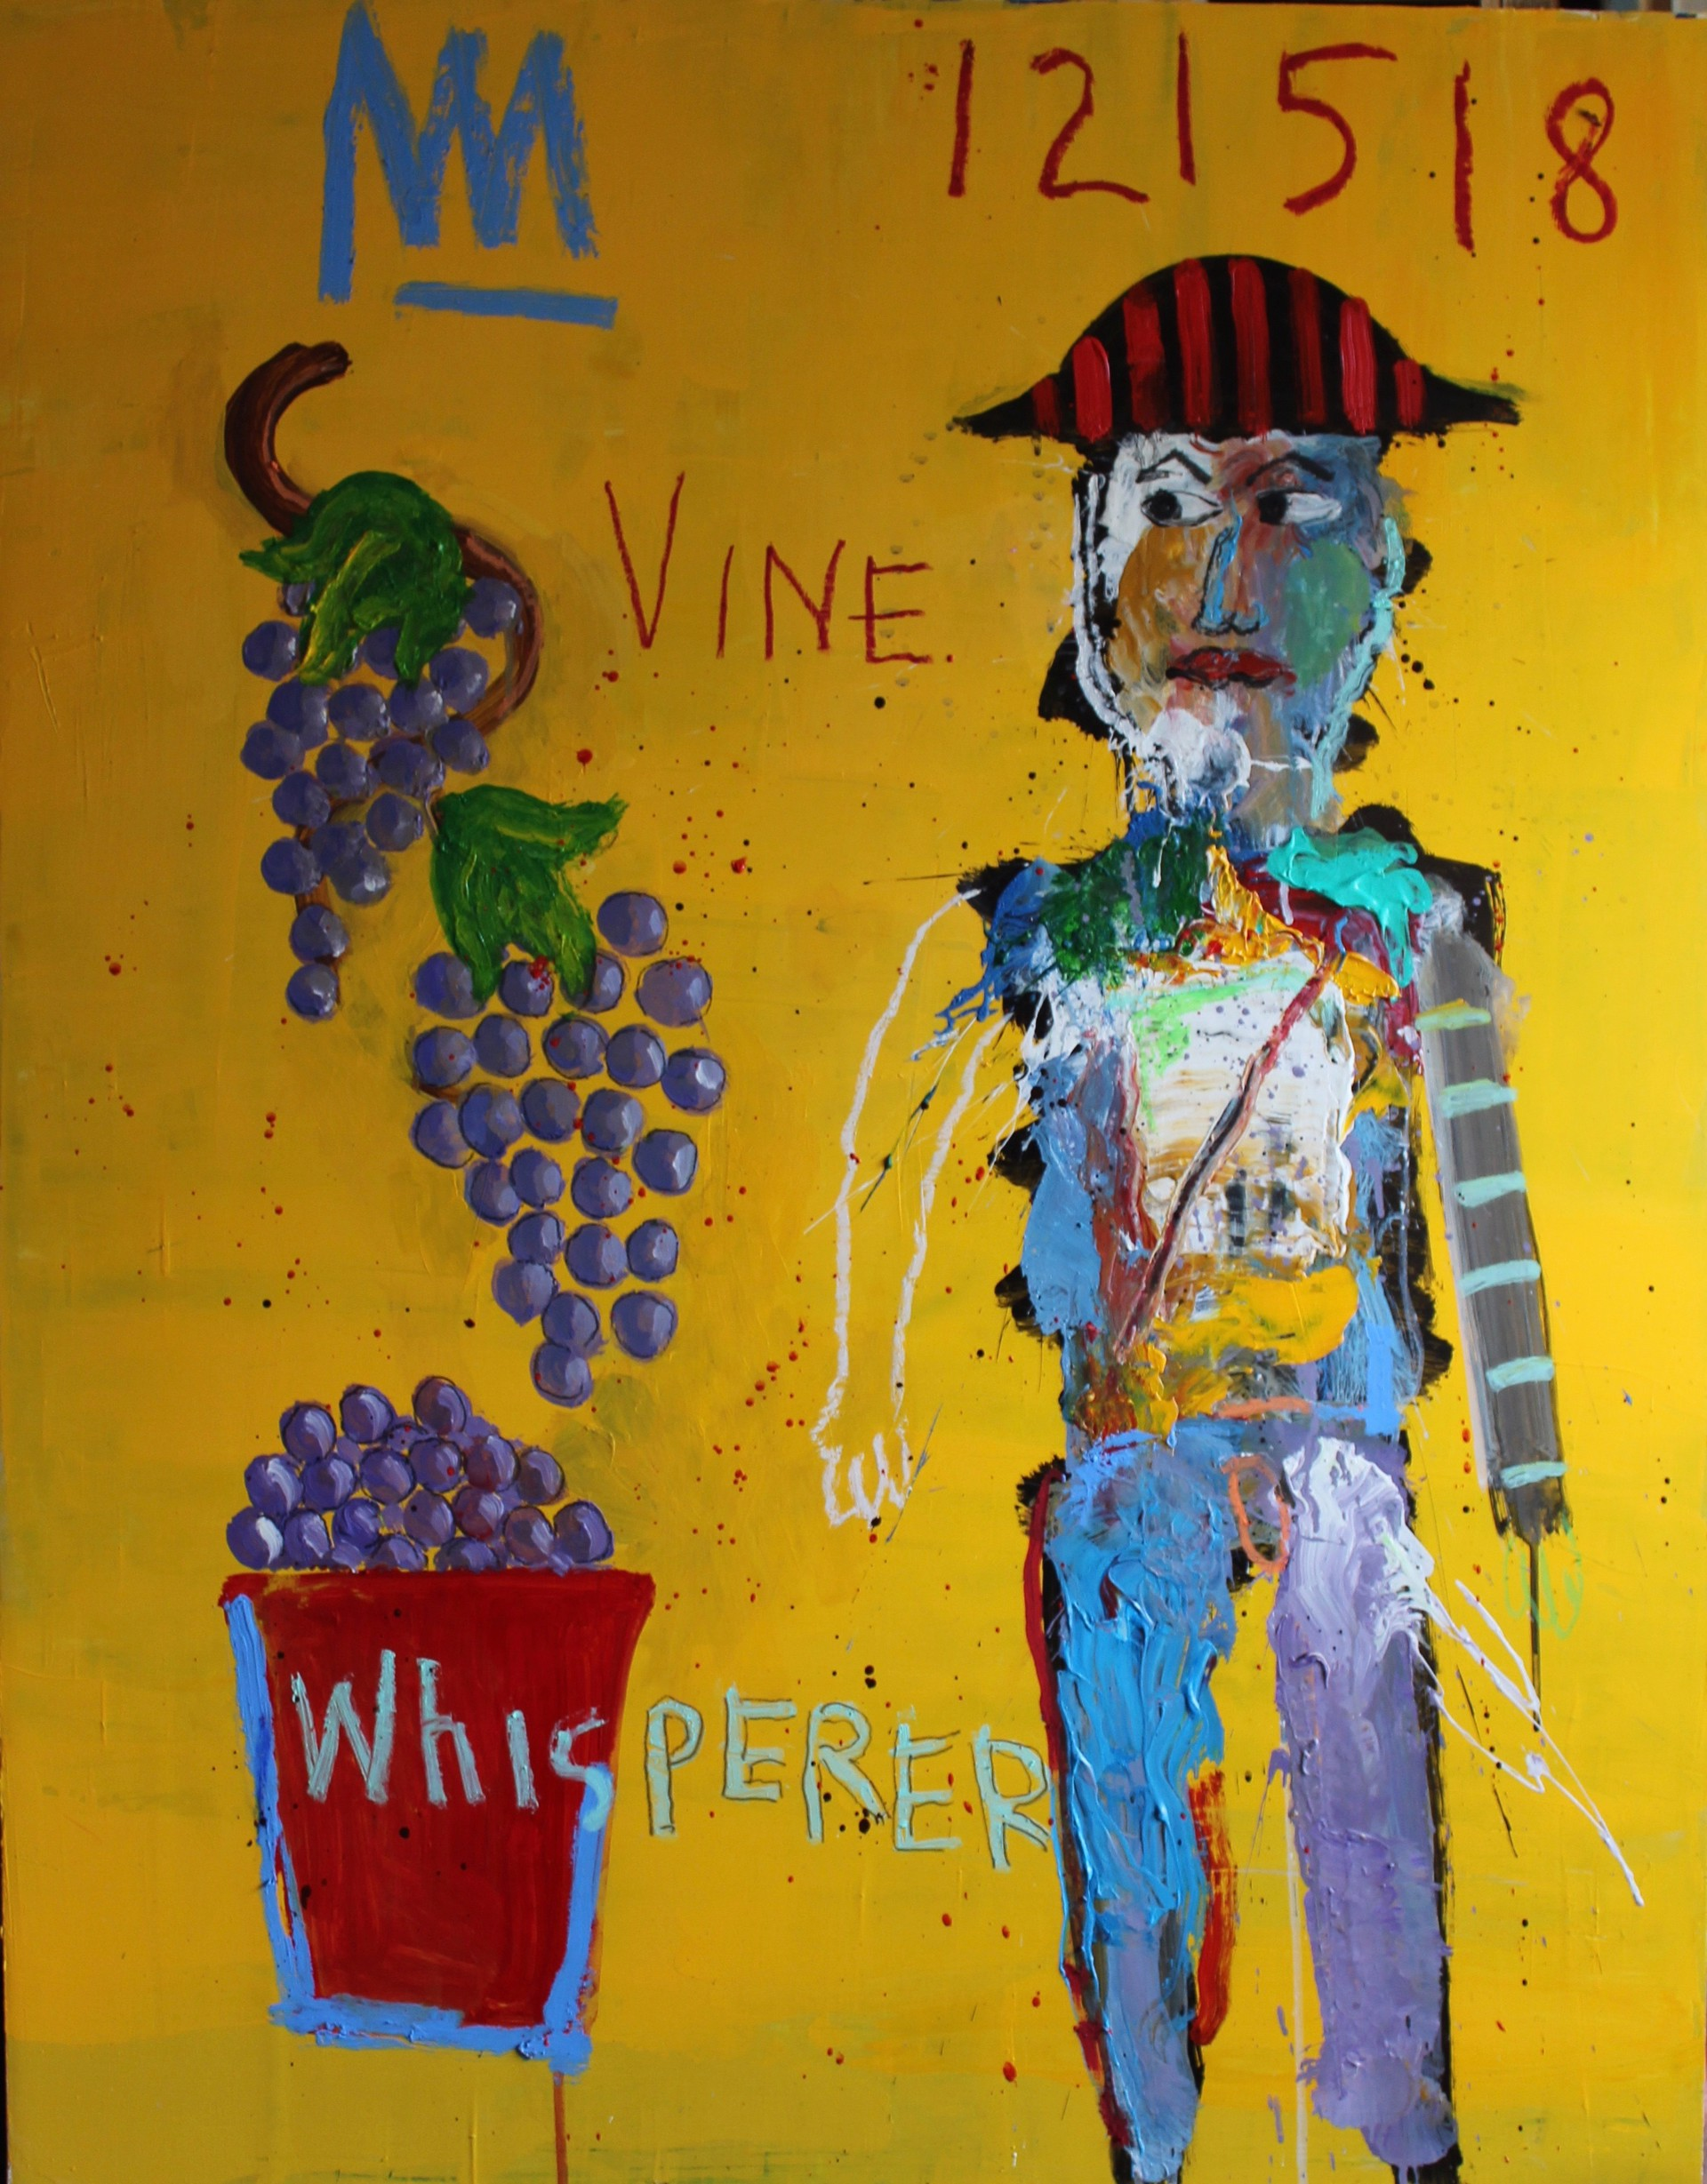 Vine Whisperer II by Michael Snodgrass